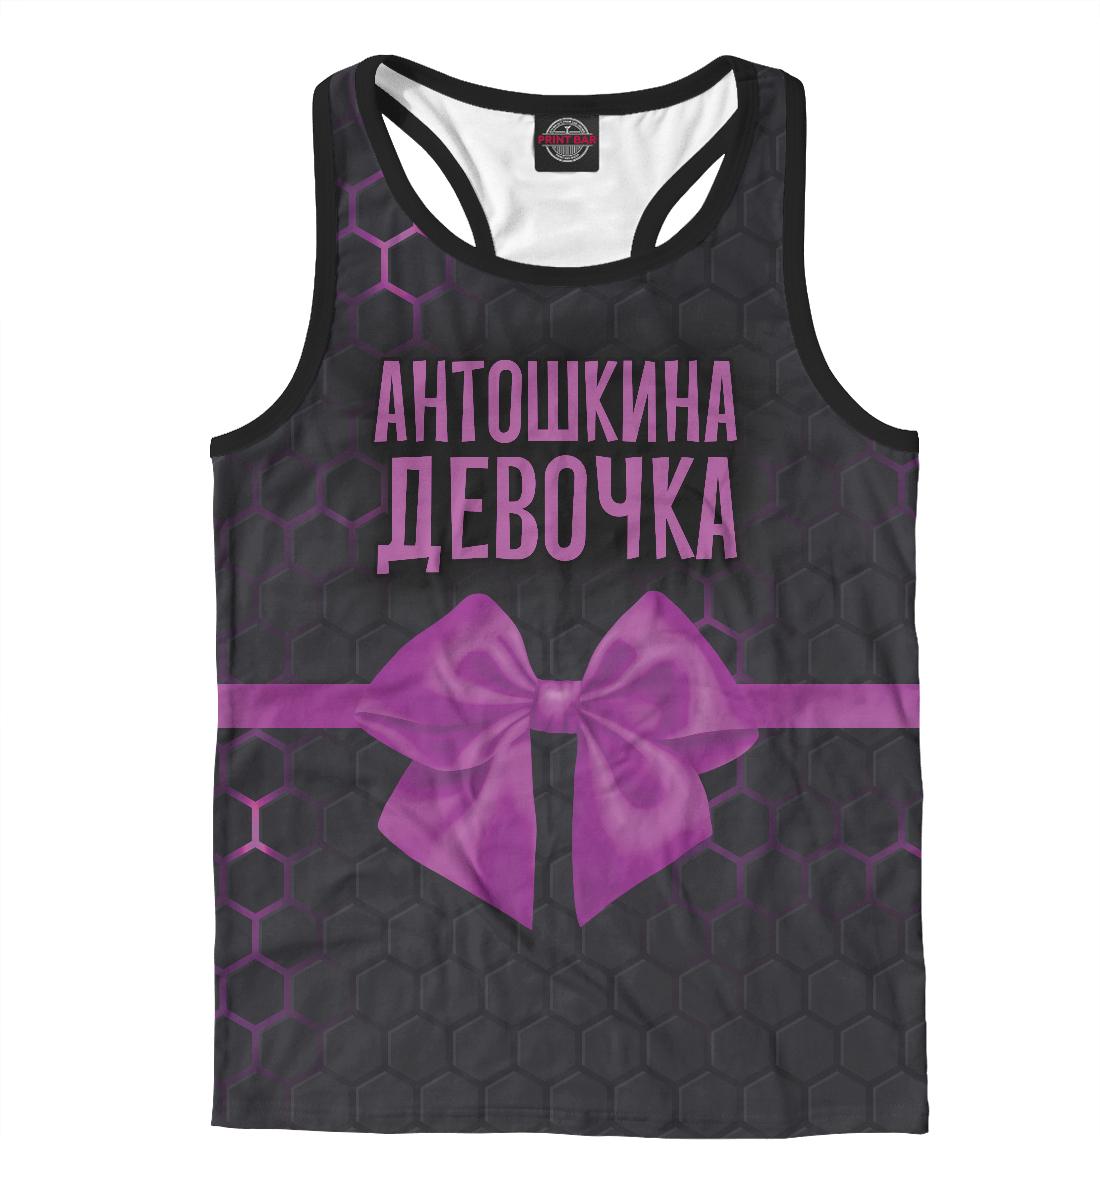 Майка борцовка Антошкина девочка (806399)